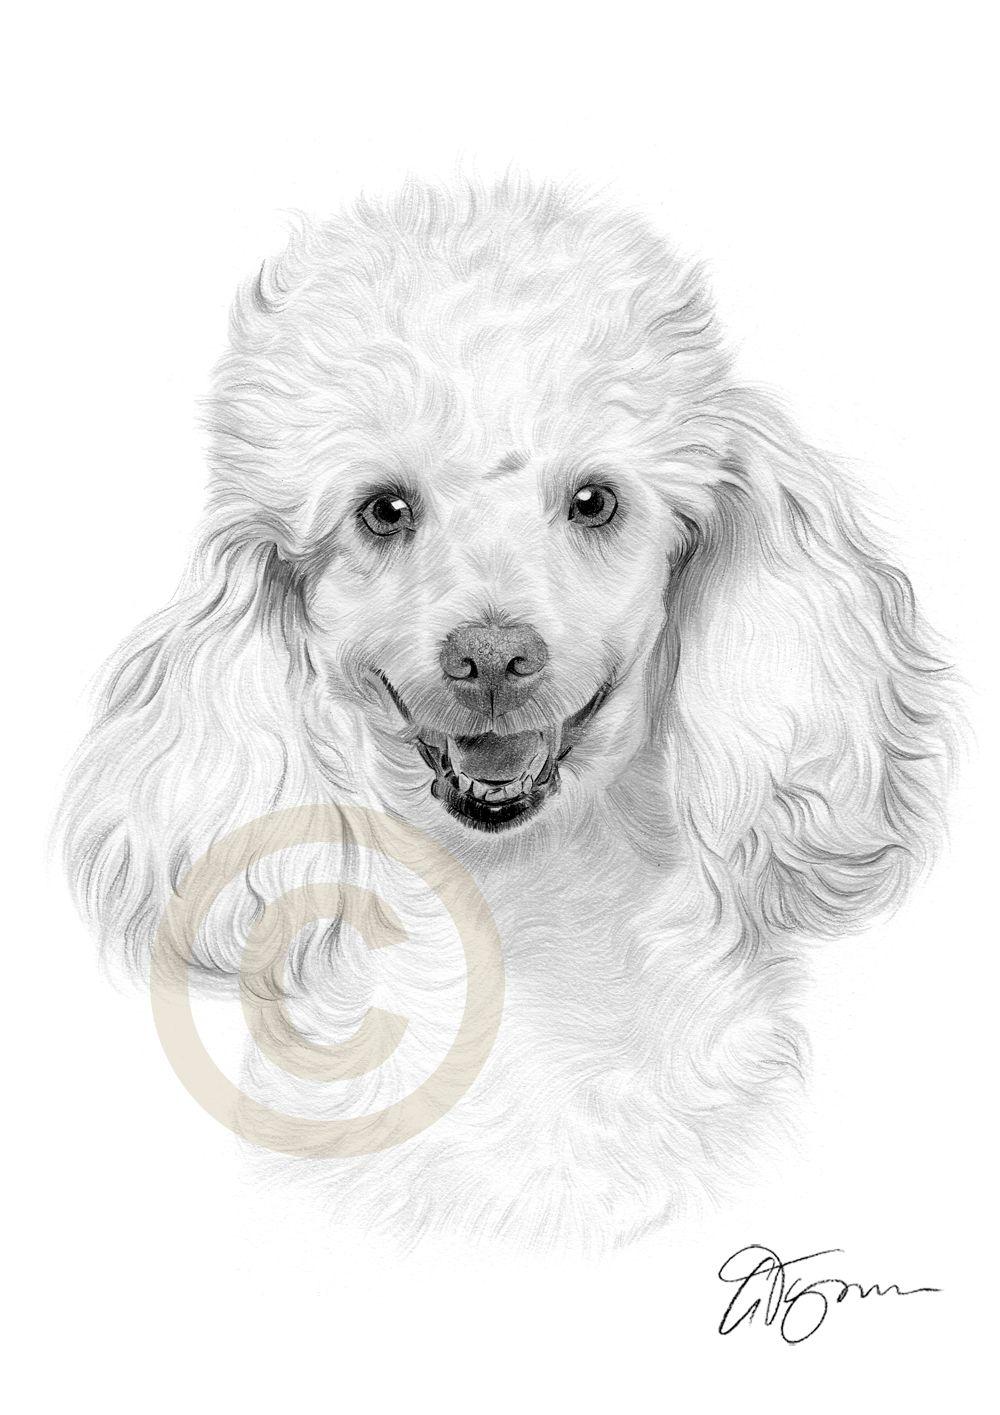 Imagen Relacionada Perros Dibujos A Lapiz Pintura Perro Dibujos De Perros